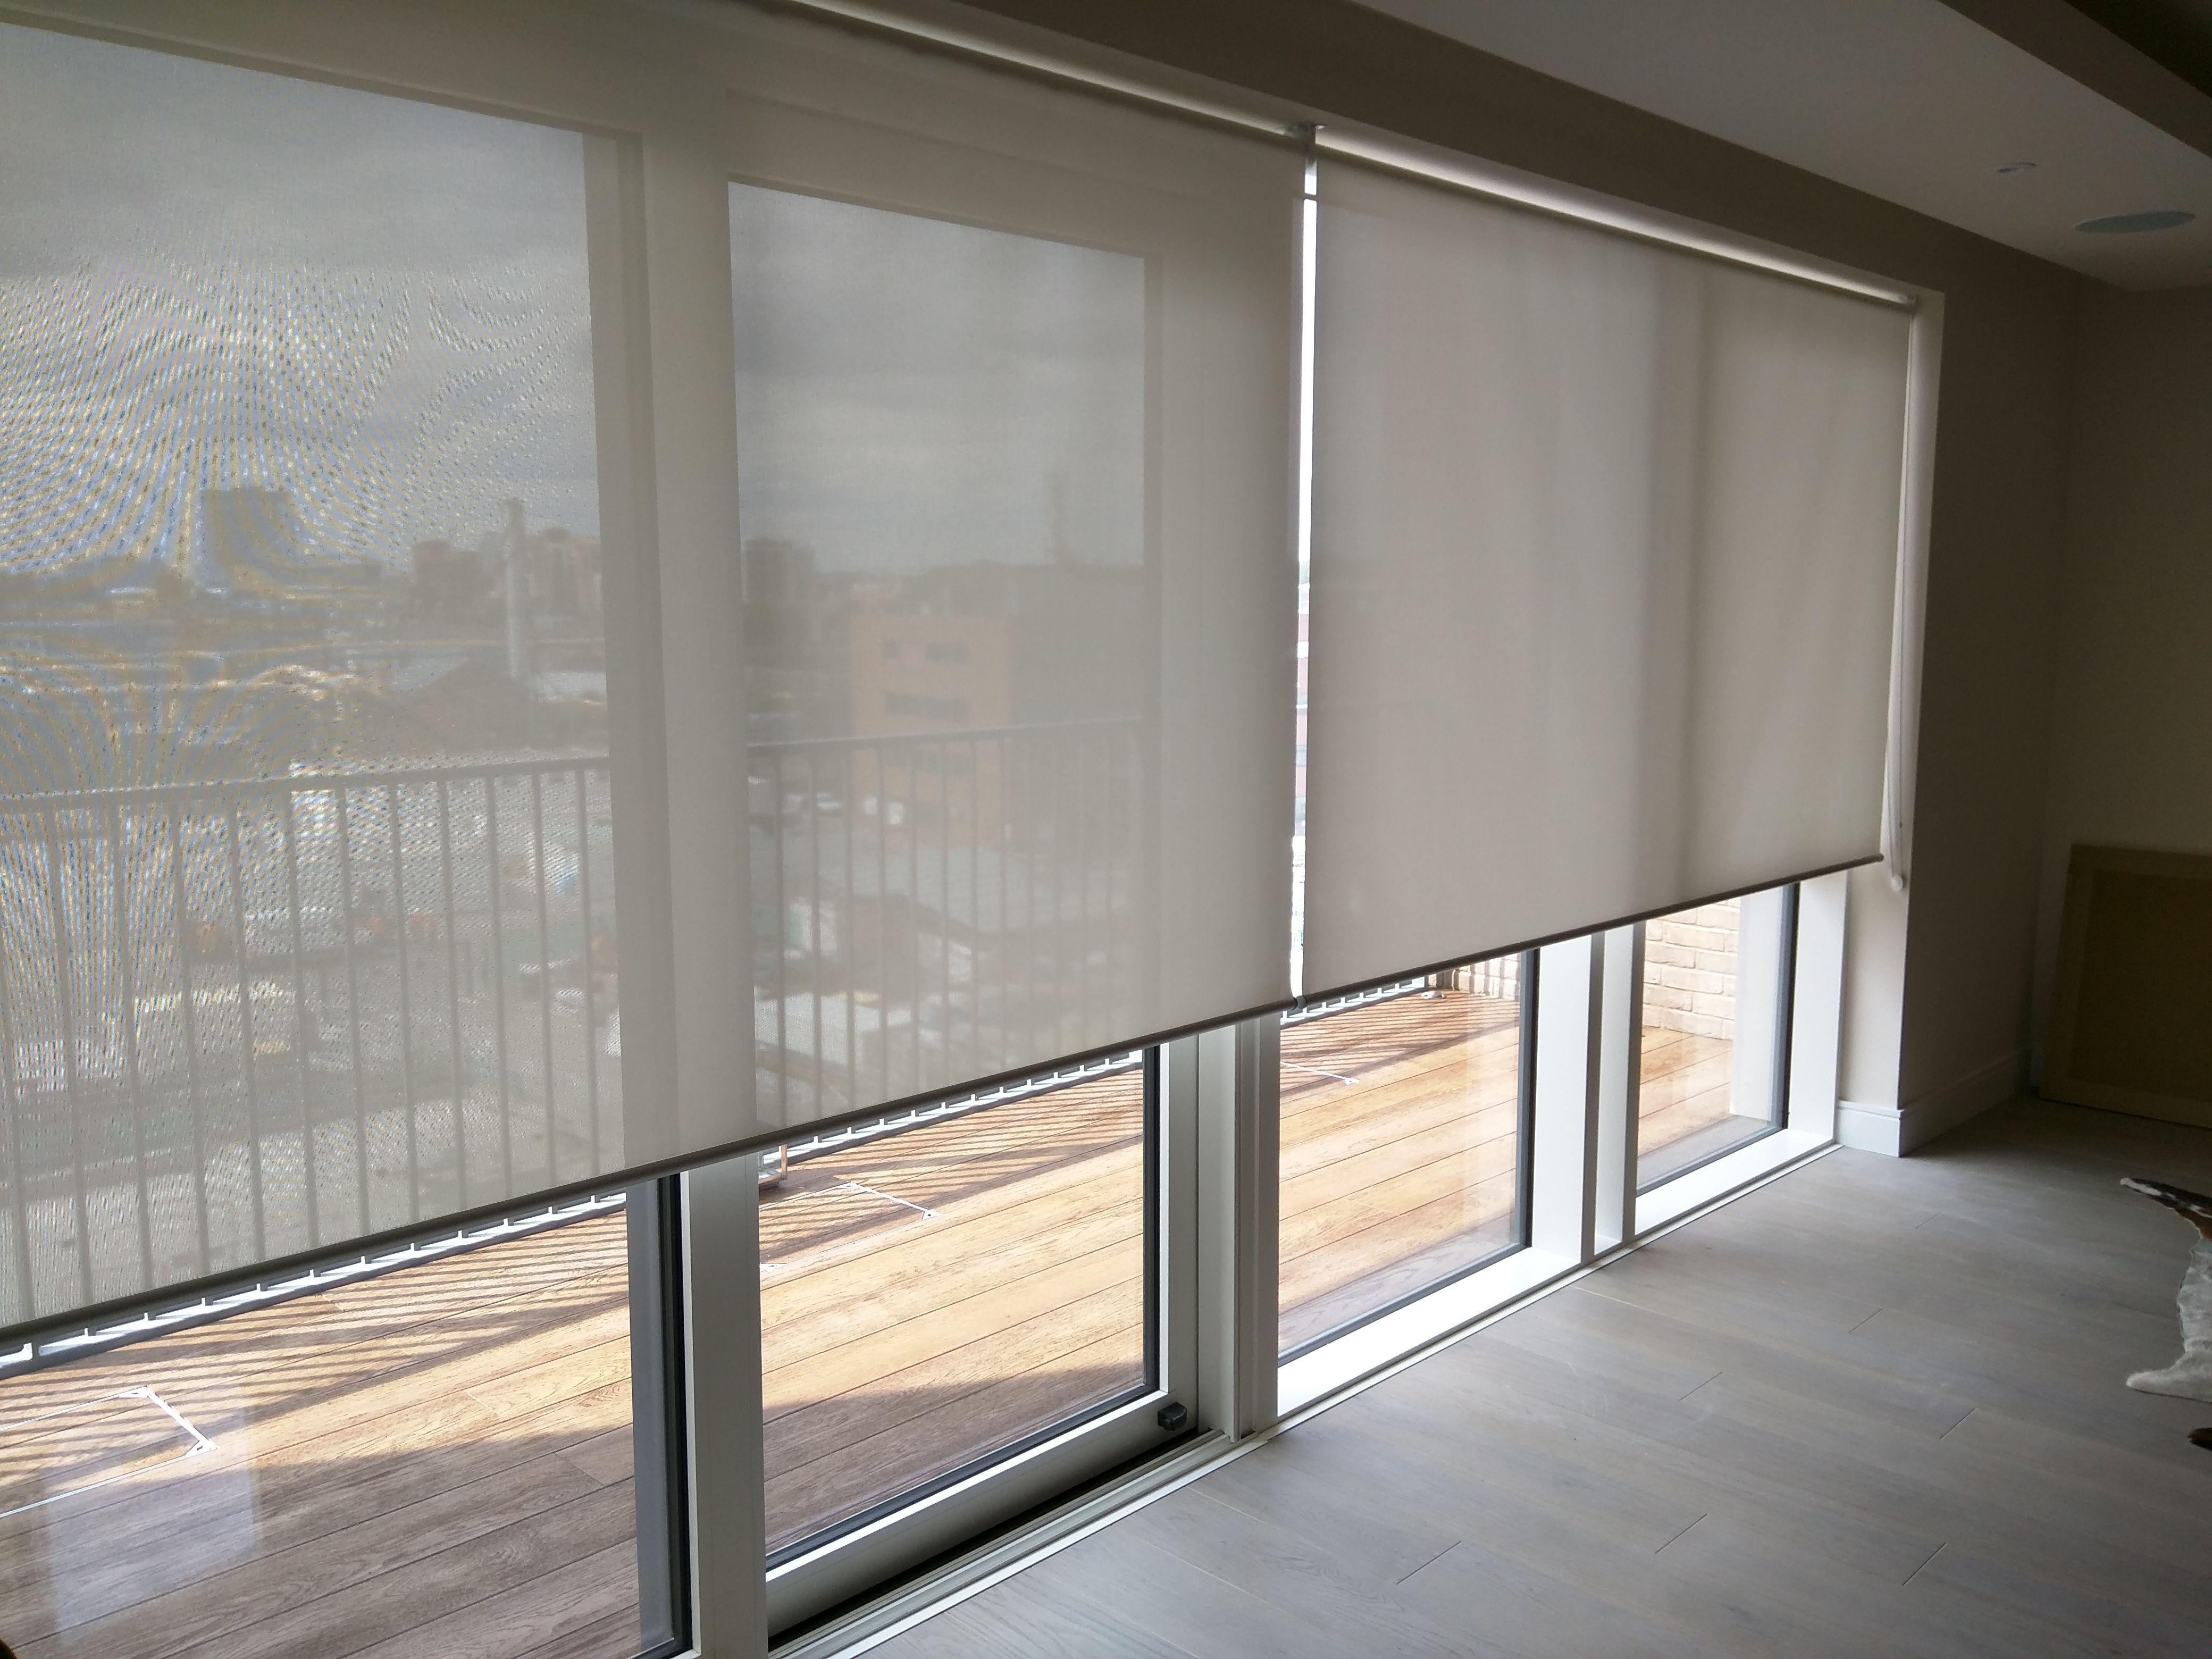 10 Interesting Floor To Ceiling Windows Ideas For Modern Houses Interior Design Sliding Door Blinds Glass Door Coverings Door Coverings